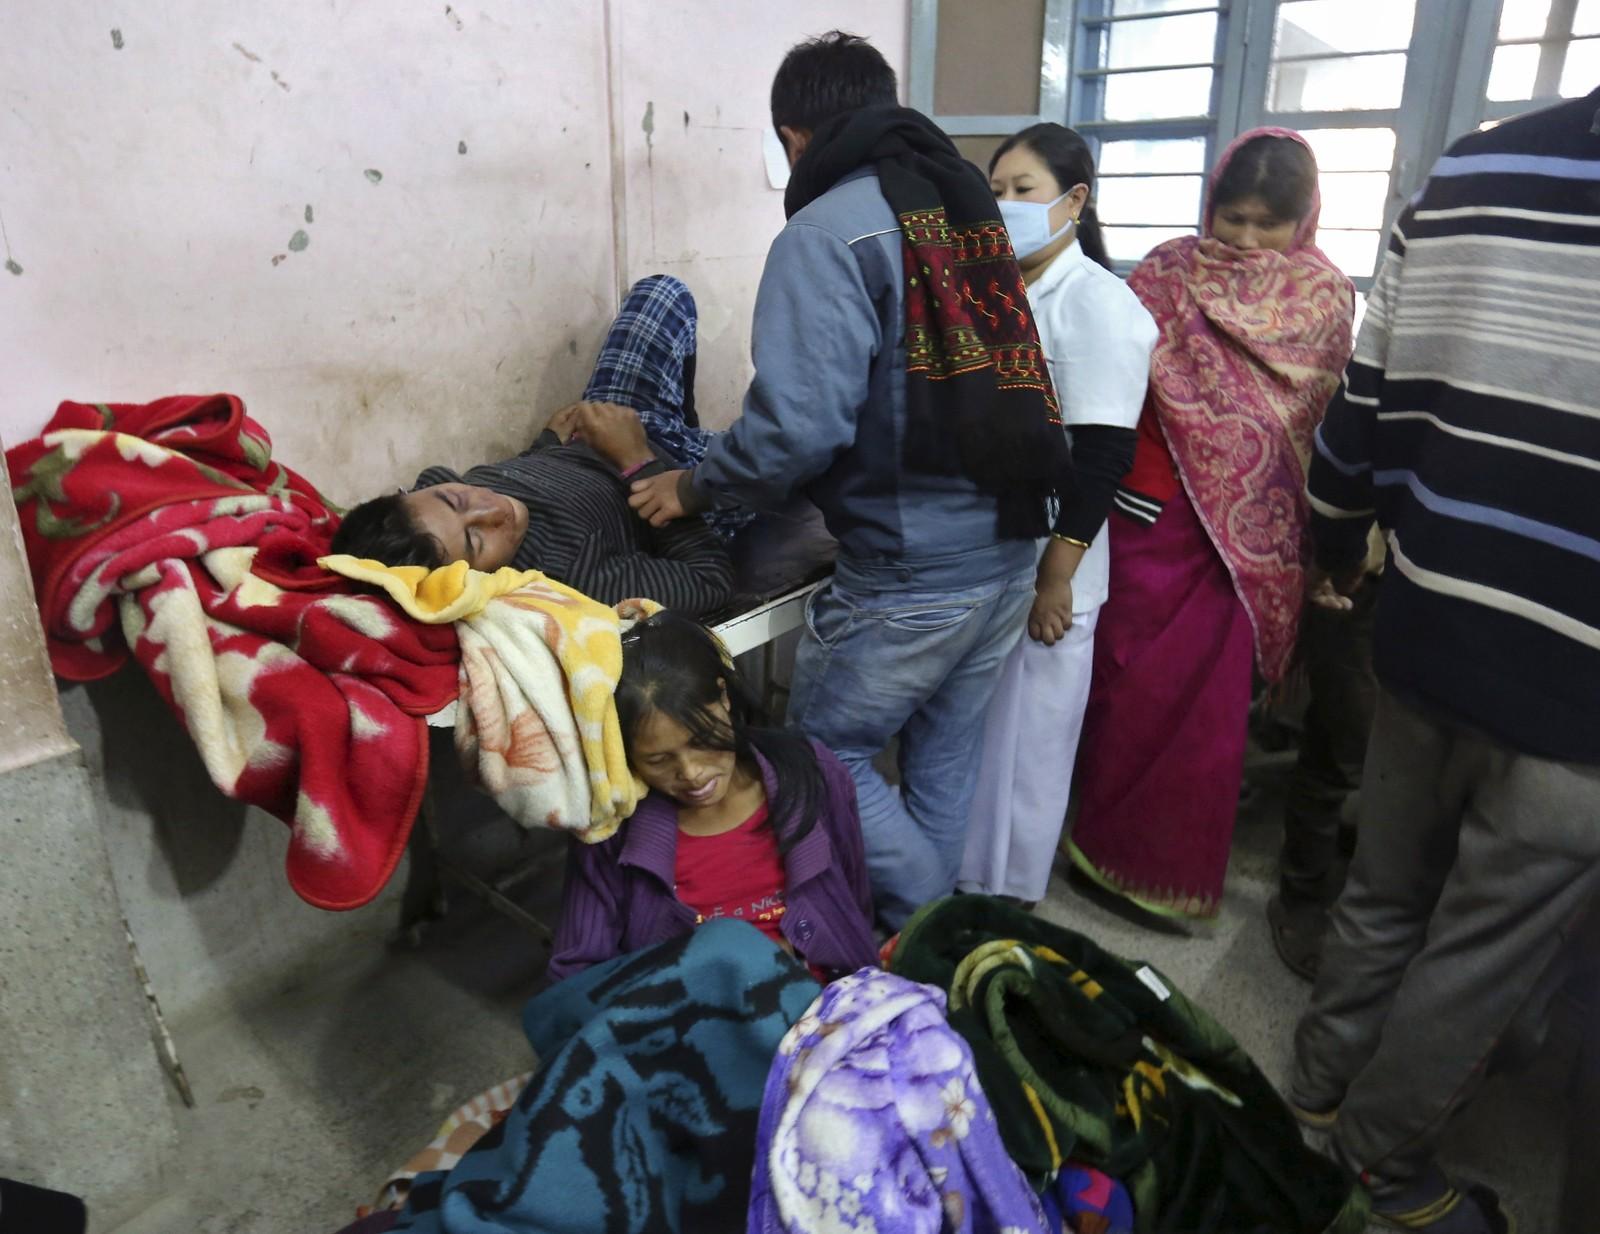 Mange menneske vart skadde då bygningar kollapsa under jordskjelvet.